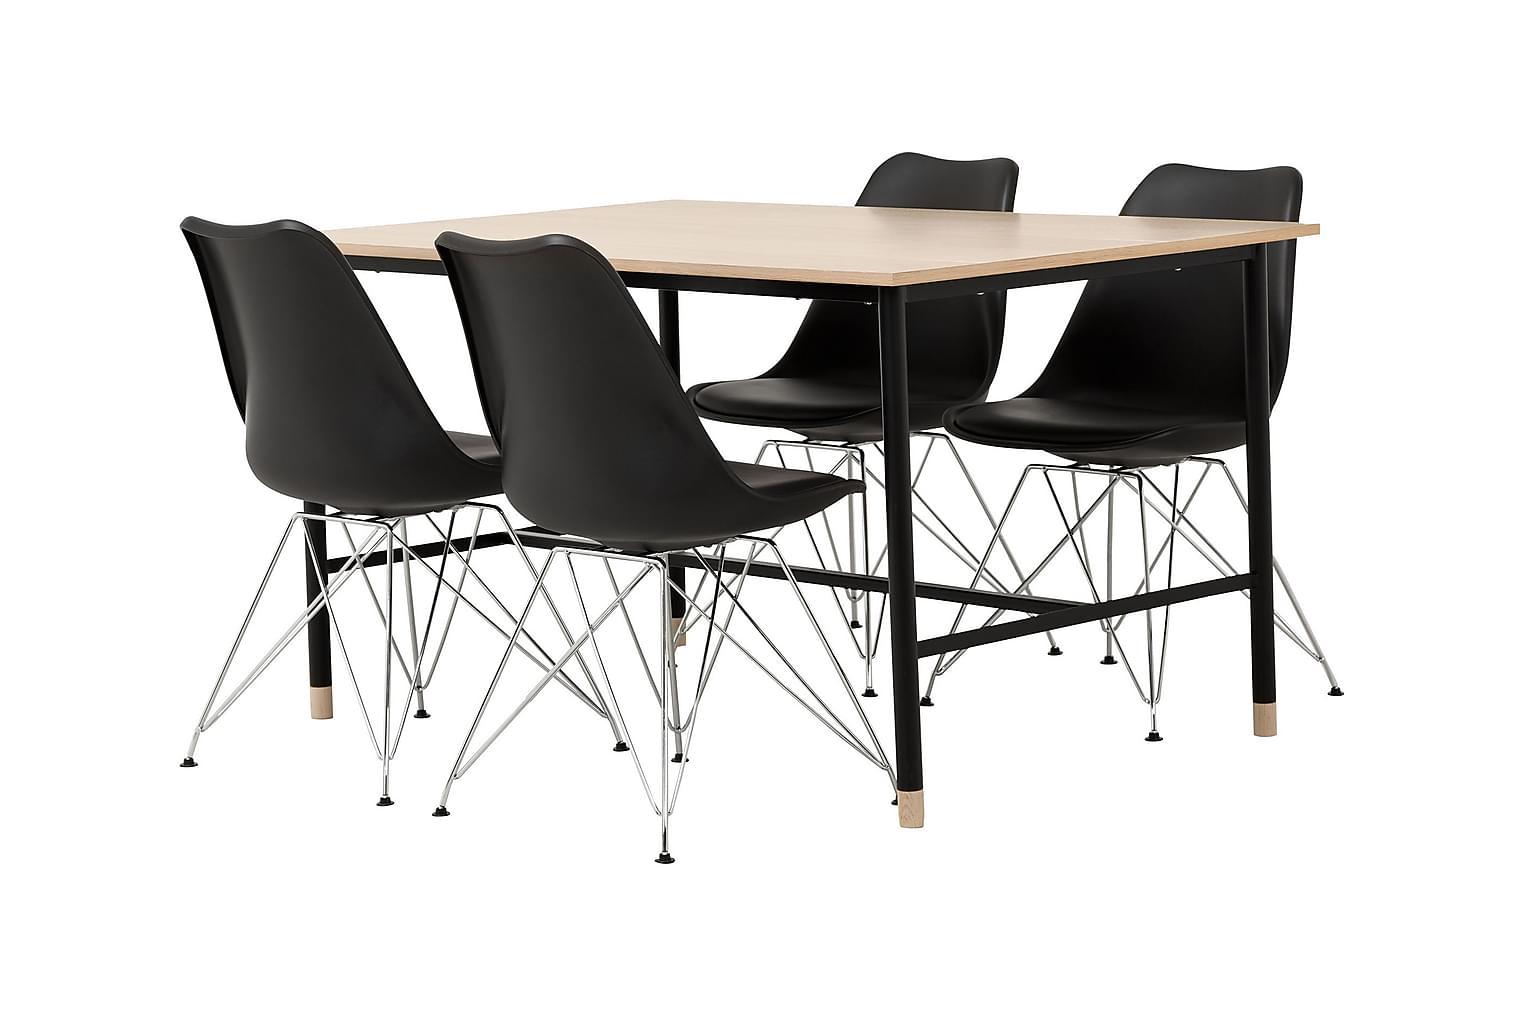 BRANDY Pöytä 138 Tammi/Musta + 4 SHELLO Tuolia Musta/Kromi